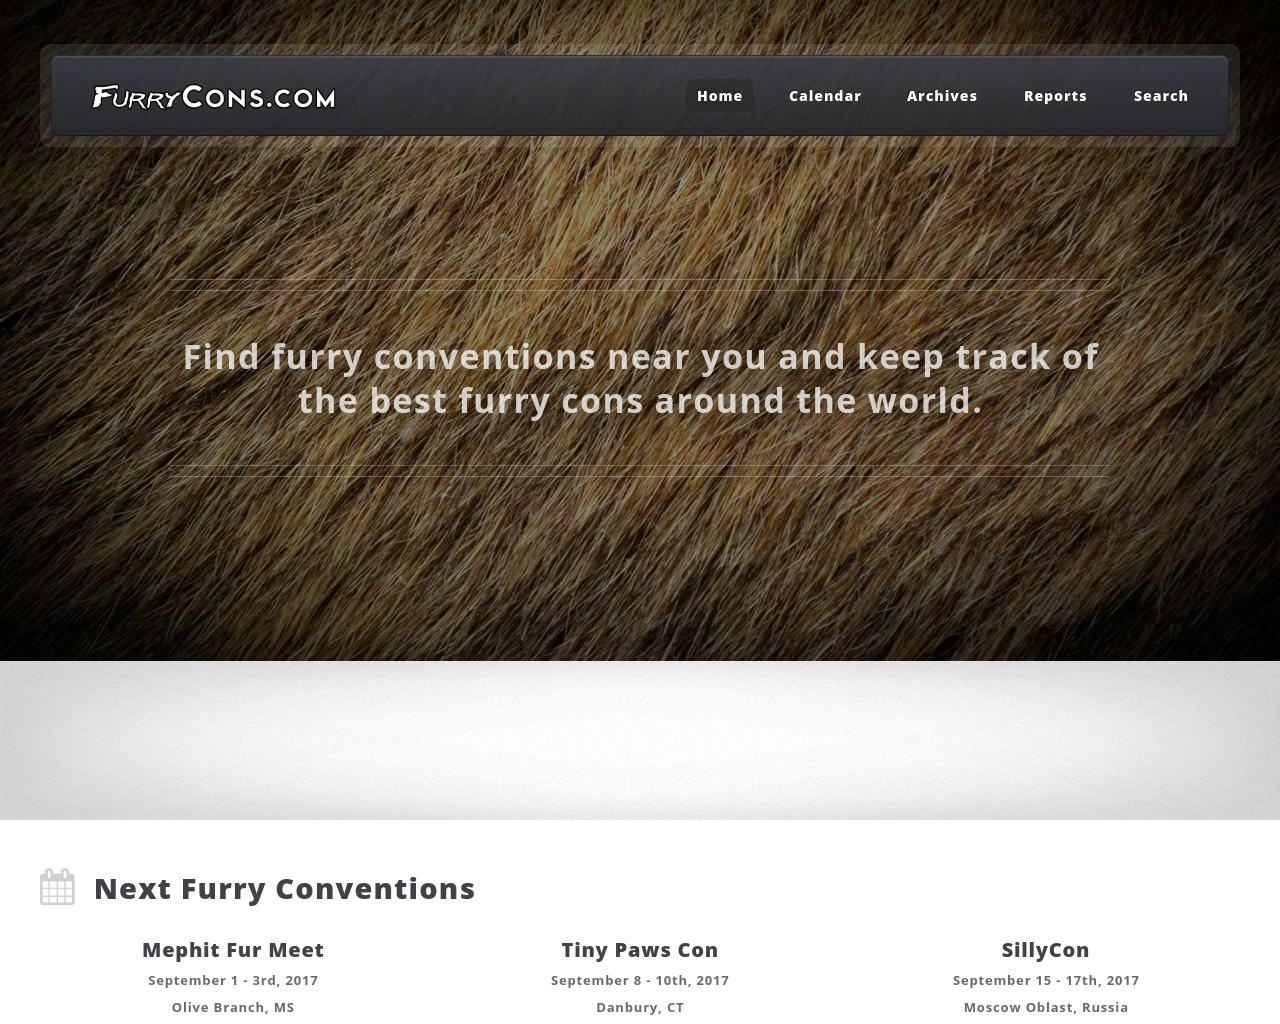 FurryCons.com-Advertising-Reviews-Pricing